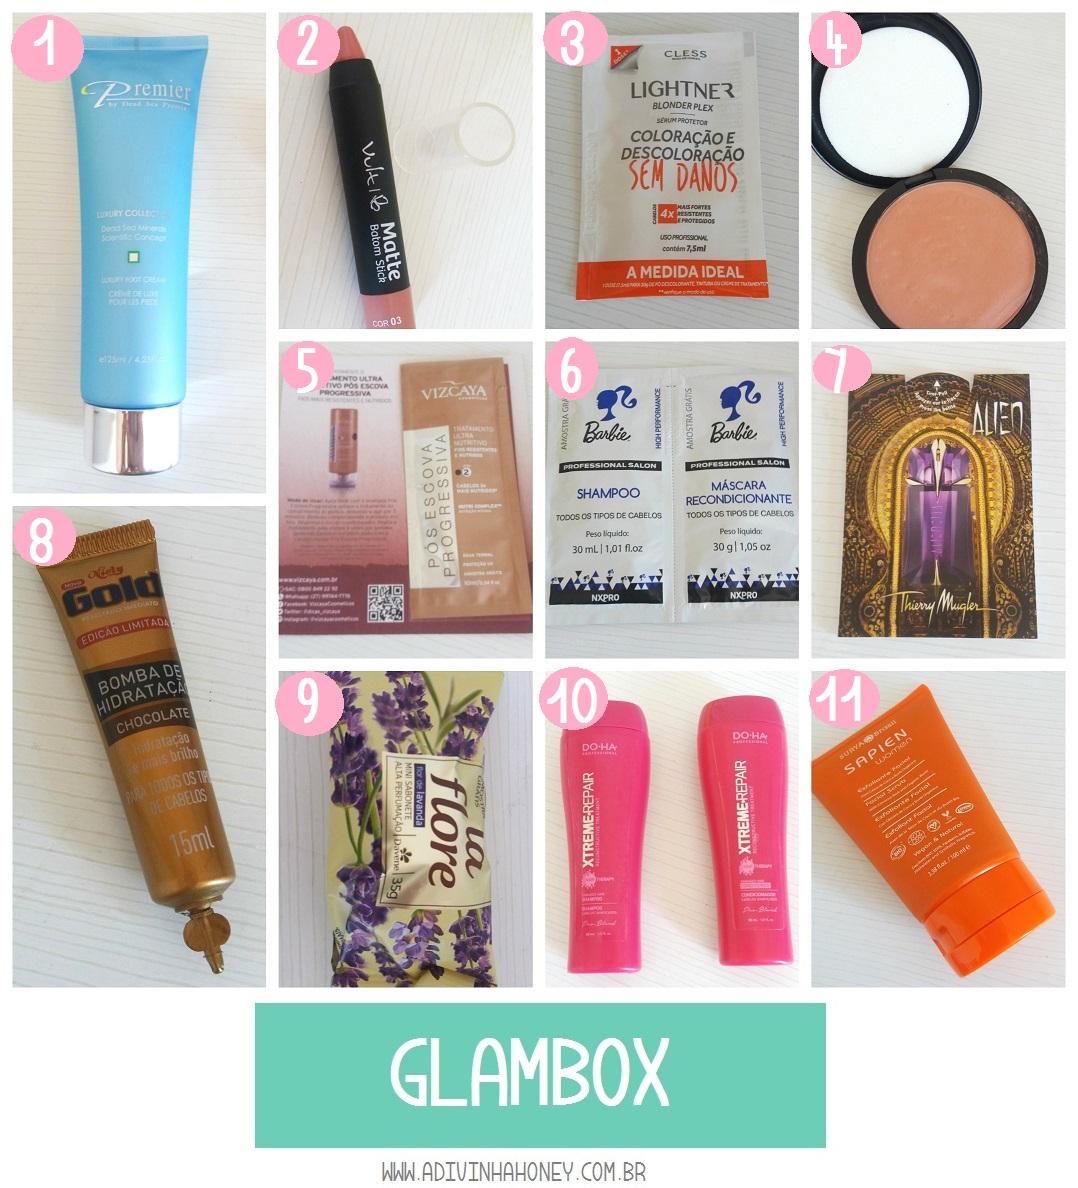 Glambox trends dezembro